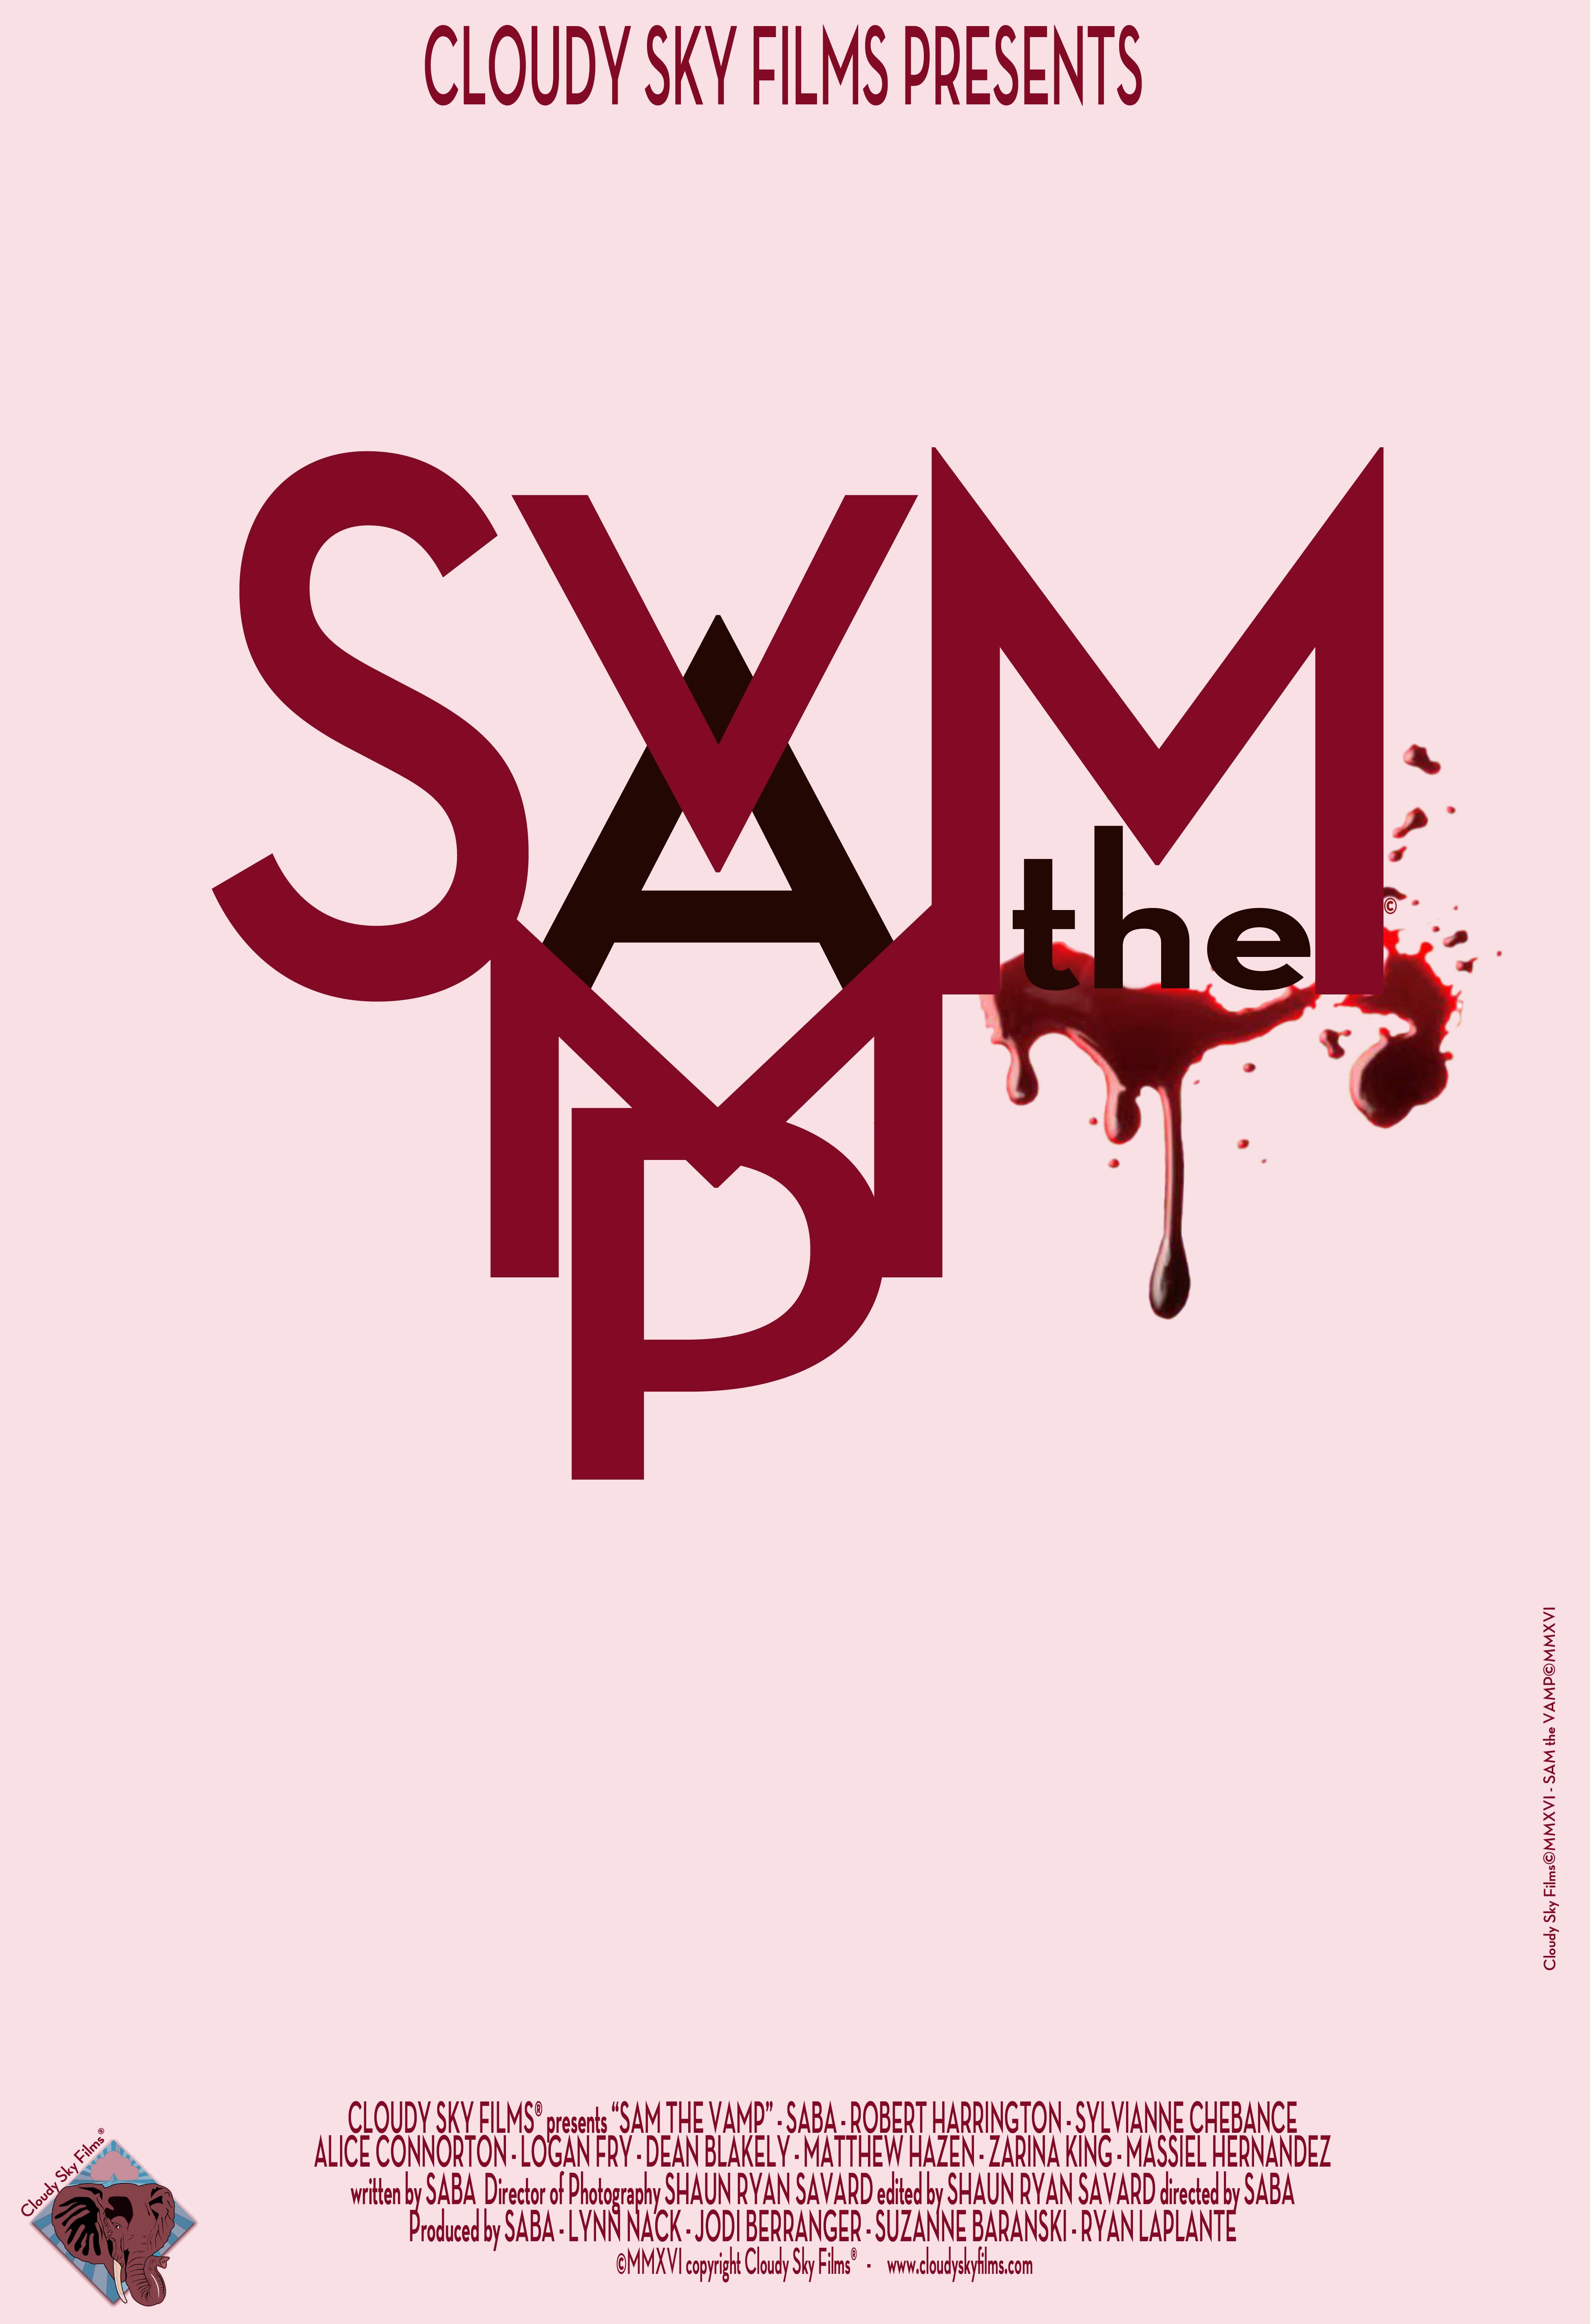 Sam the Vamp by Cloudy Sky Films